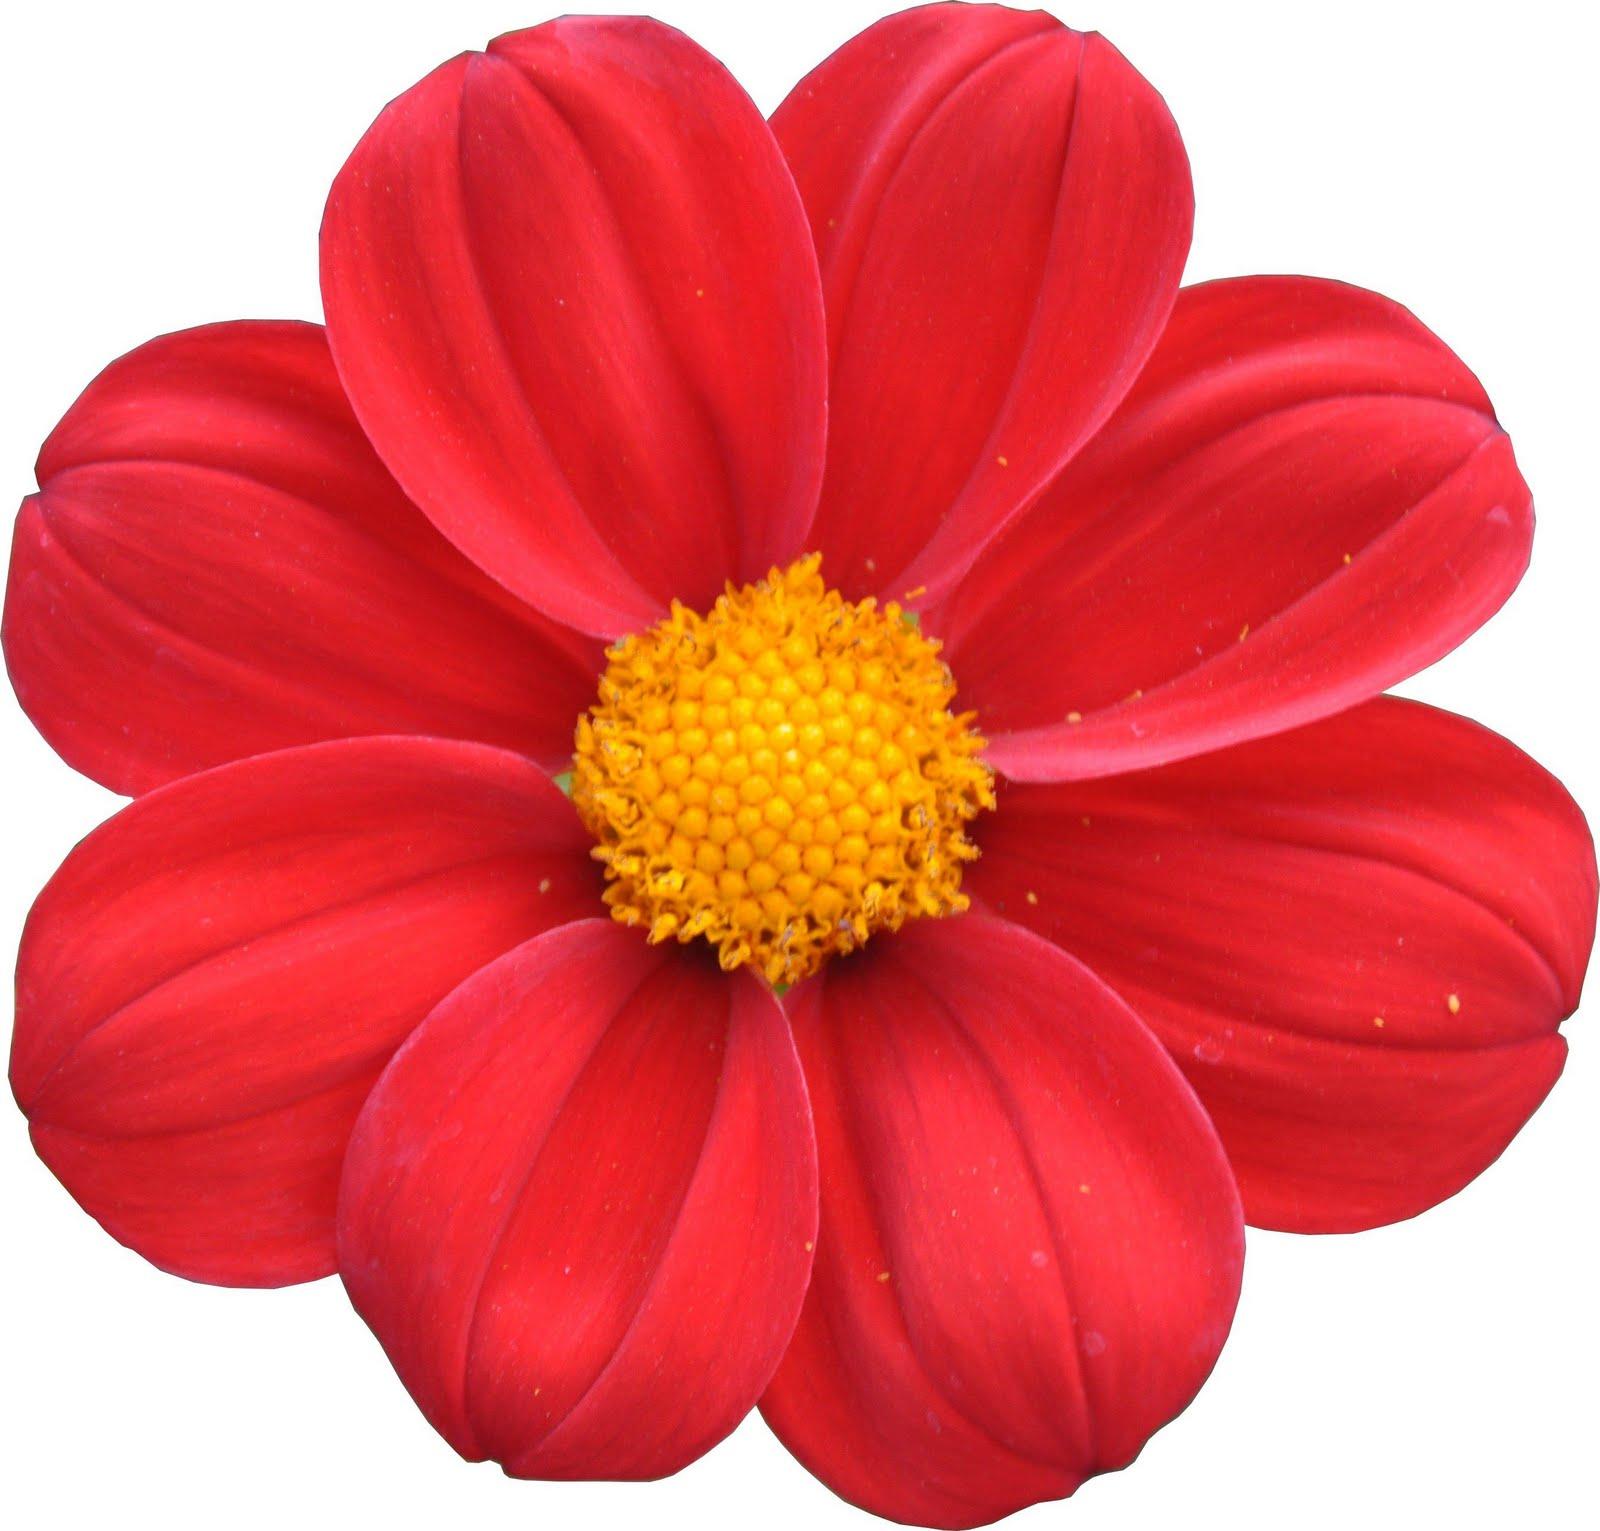 Qu 39 en pensez vous fleur rouge a bouton jaune photo et for Offre des fleurs